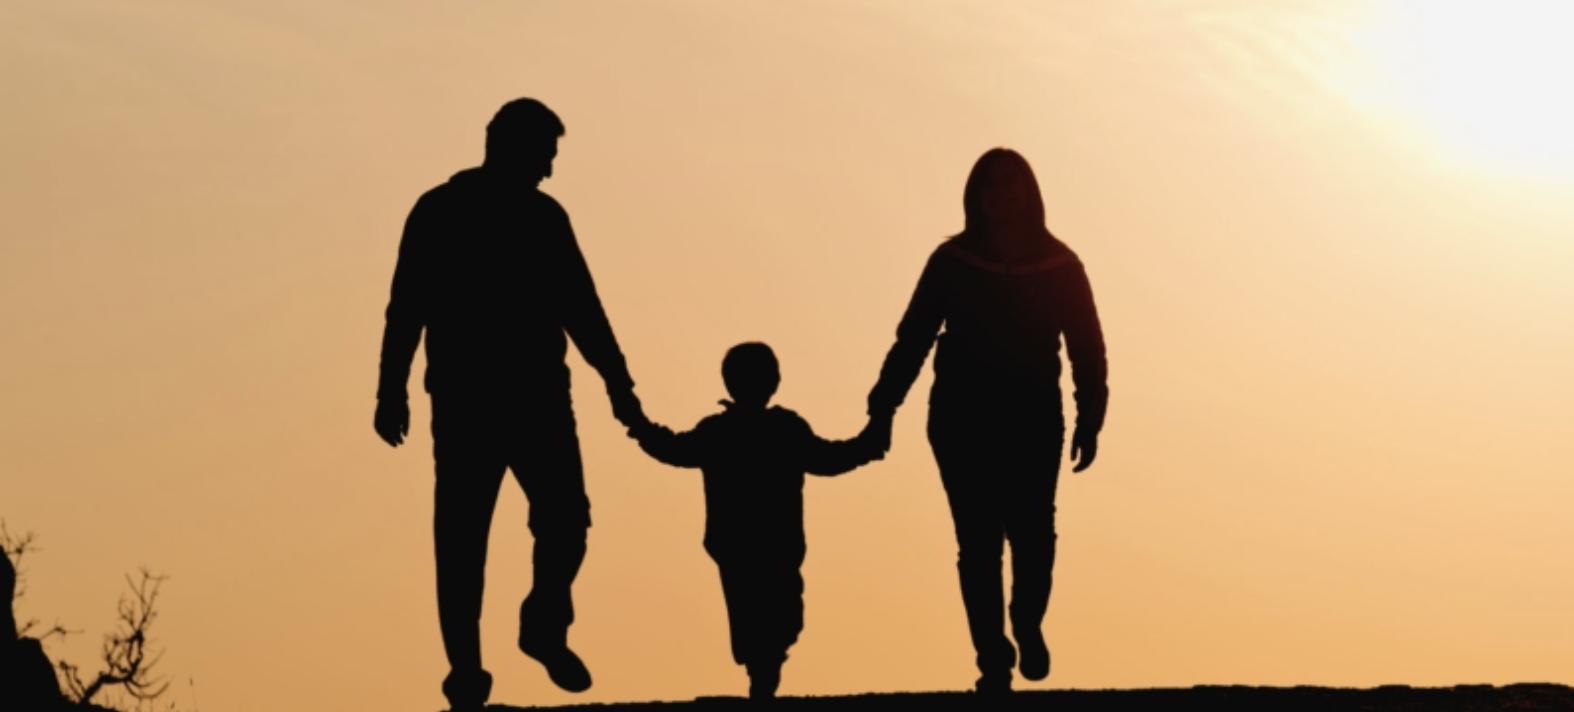 ثبات الأمومة يتفوق على الأبوّة العابرة